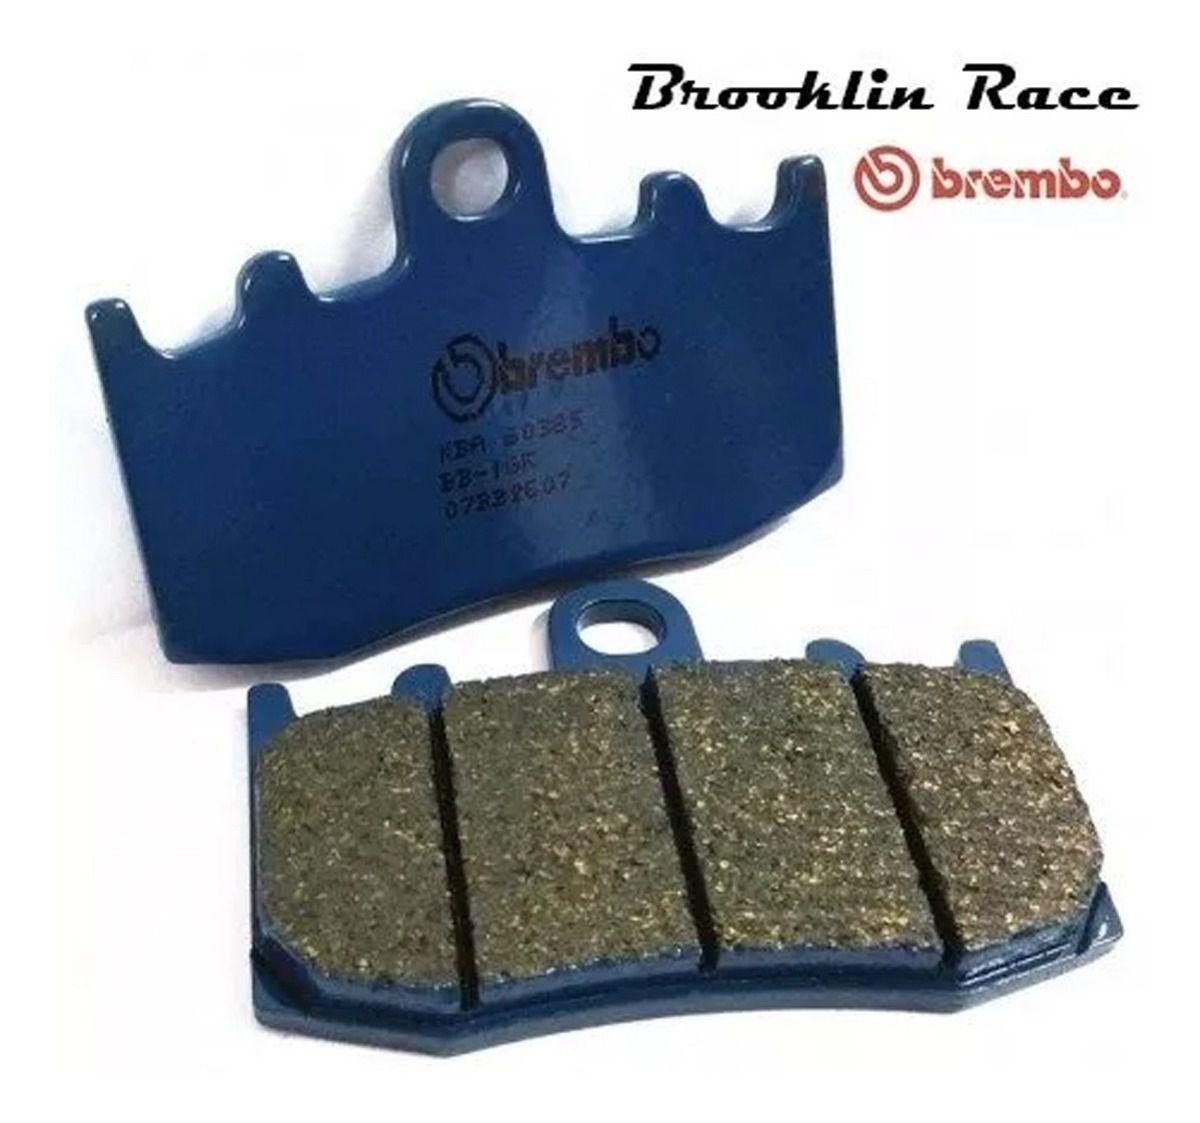 Pastilha Diant Brembo Carbono Ceramica  Bmw K1300gt 07bb2607